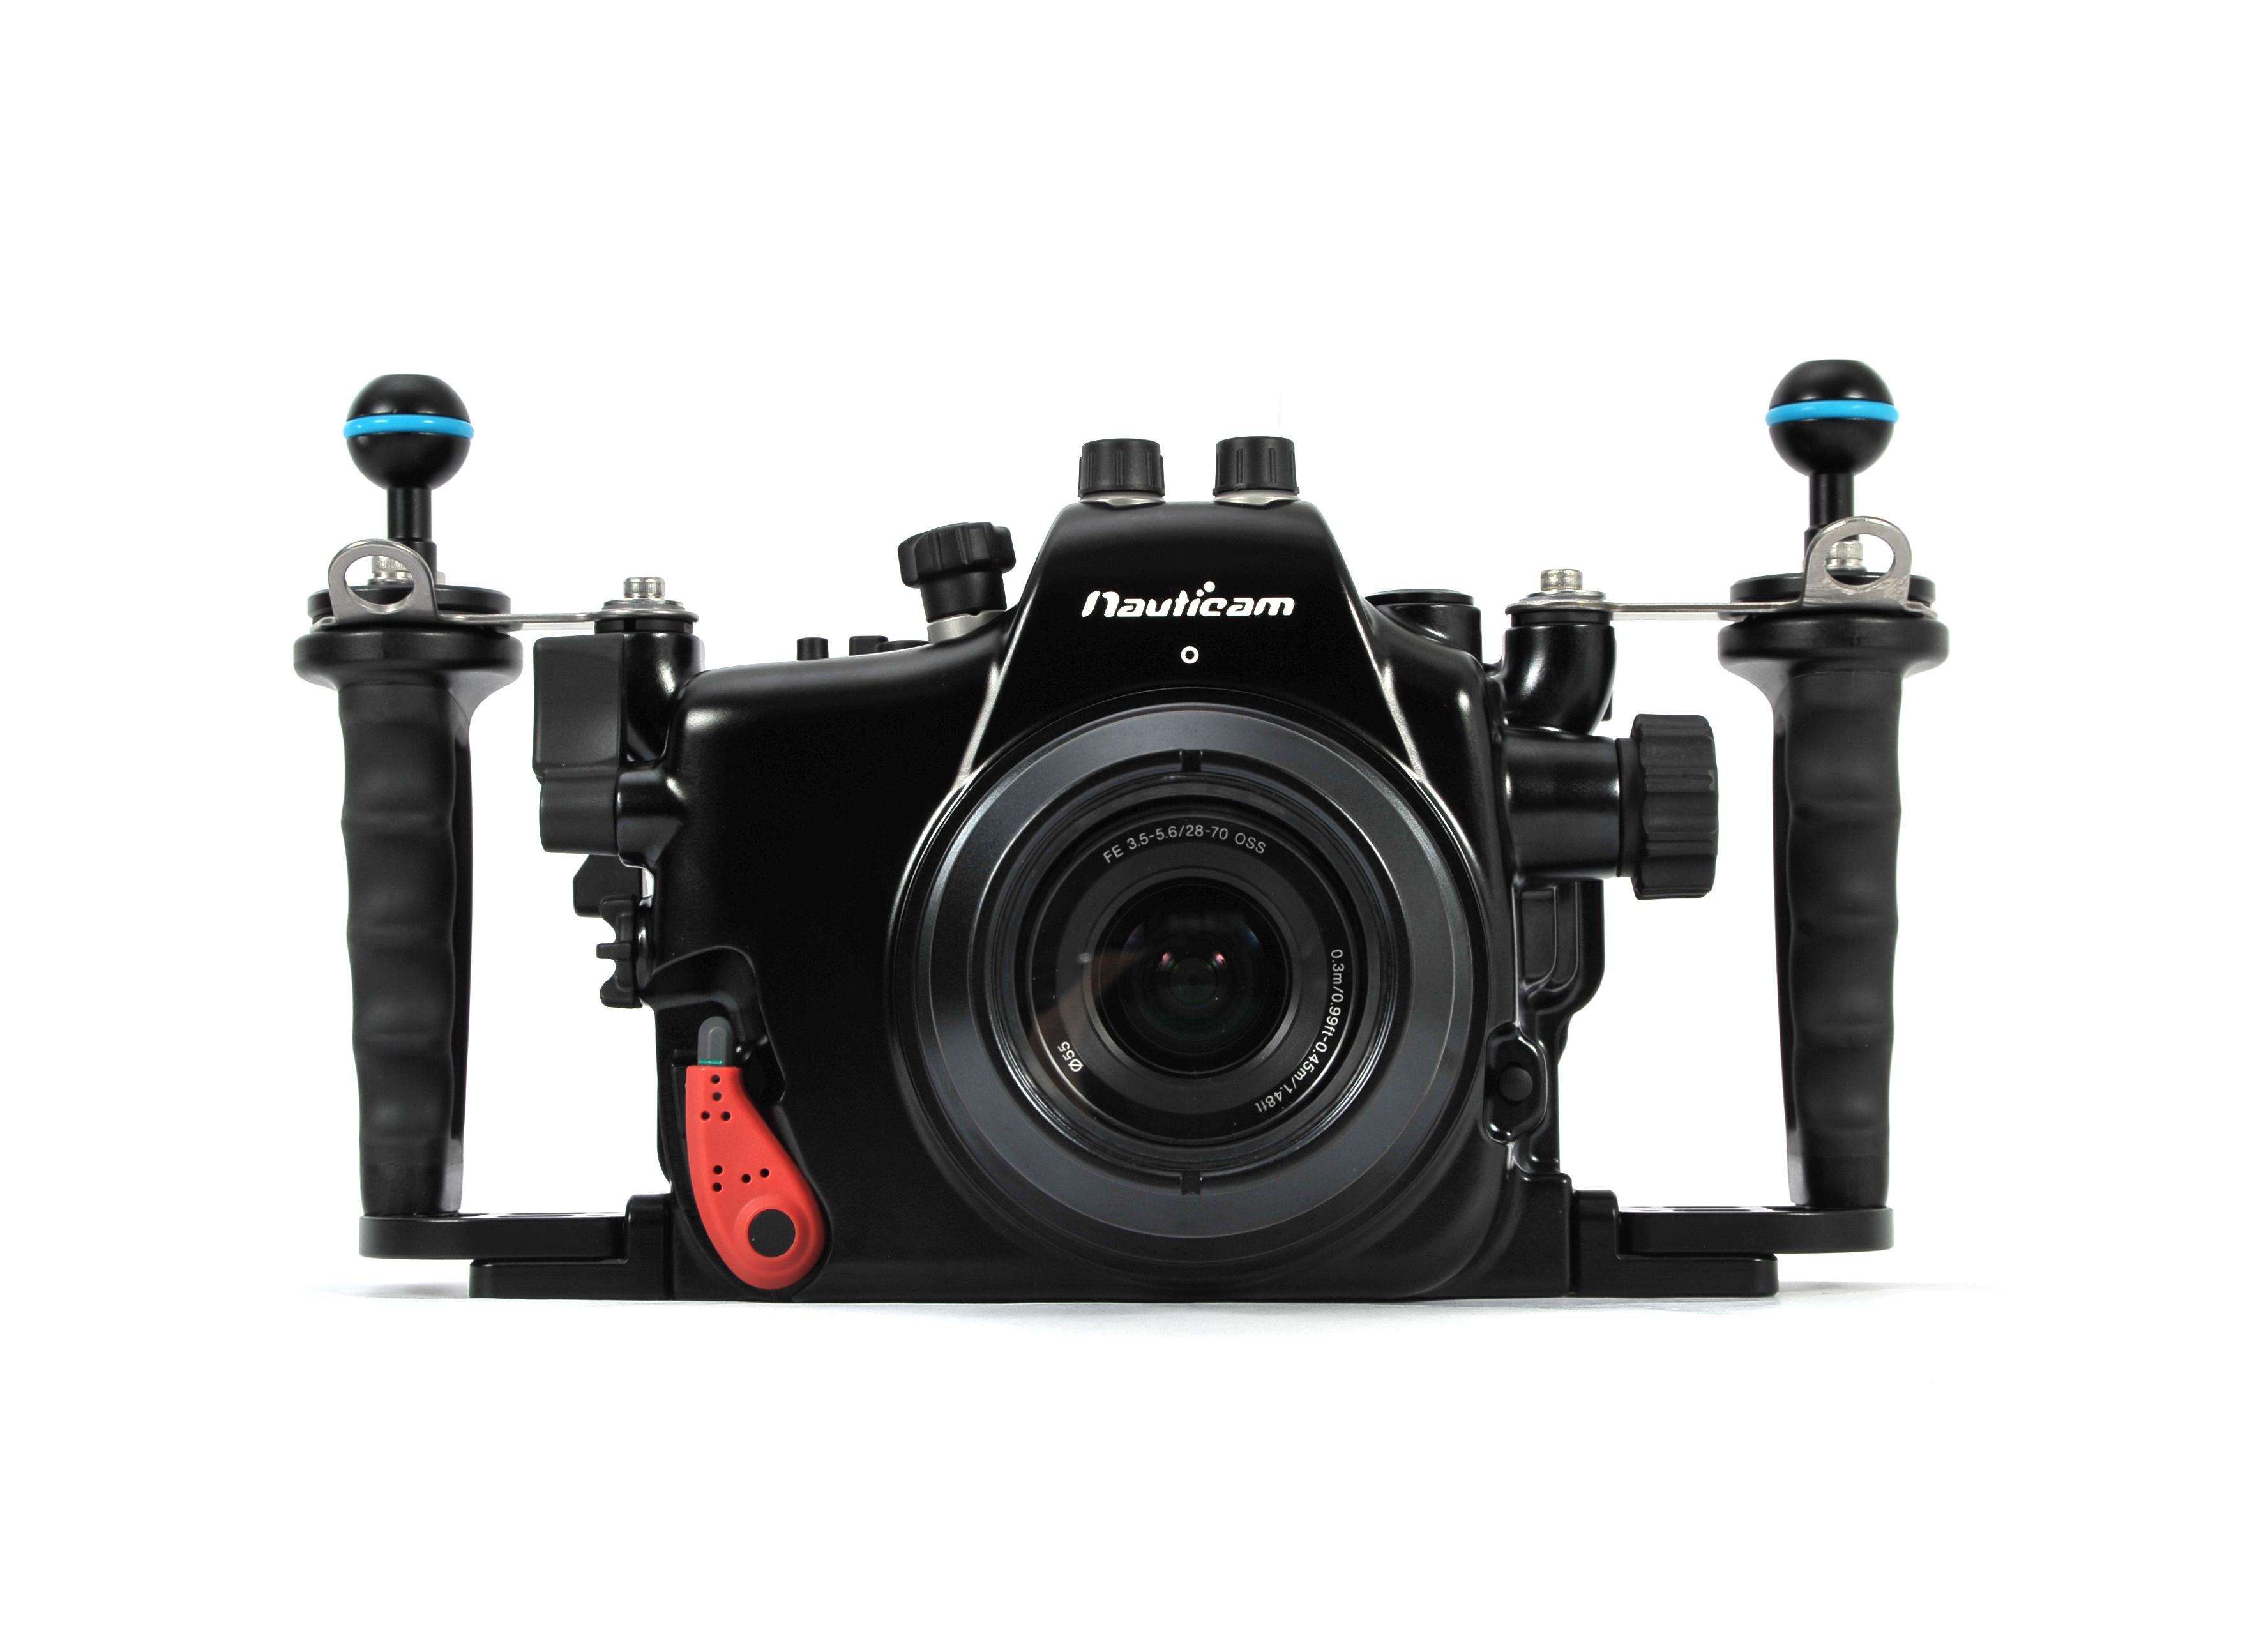 Nauticam MIL pouzdra pro kompaktní fotoaparáty s výměnným objektivem